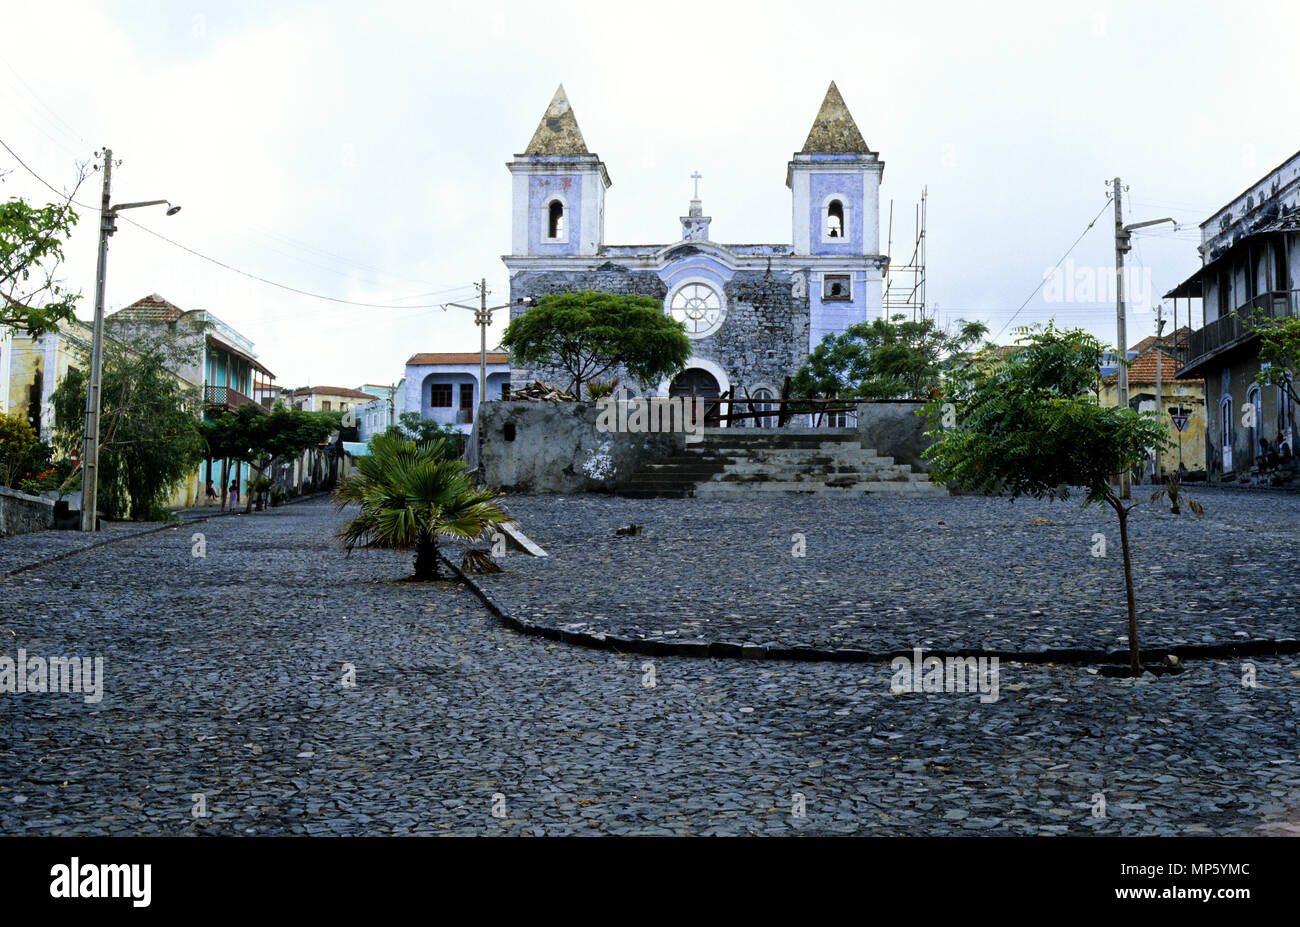 FCatholic Kirche Nossa Senhora da conceicao, Sao Filipe, Fogo Island, Cape Verde, Afrika Stockbild